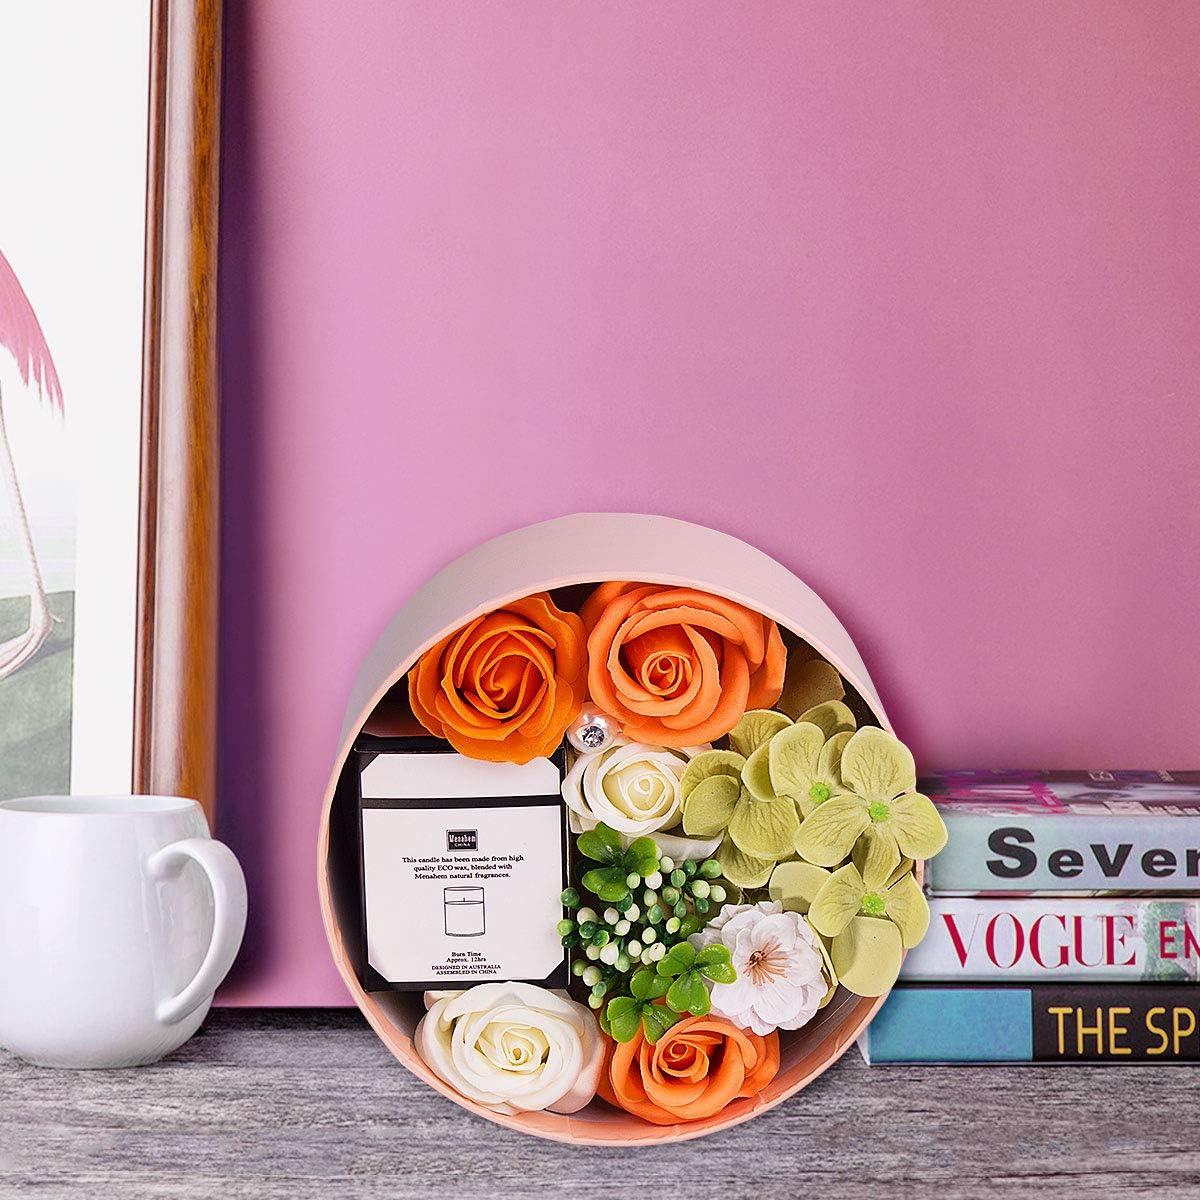 ANBET Femmes Savon Fleur Bo/îte Ronde avec Bougies Parfum/ées Rose Artificielle et Cire V/ég/étale Naturelle Aromath/érapie Bain Cadeau pour No/ël F/ête des Enseignants Saint Valentin Anniversaire